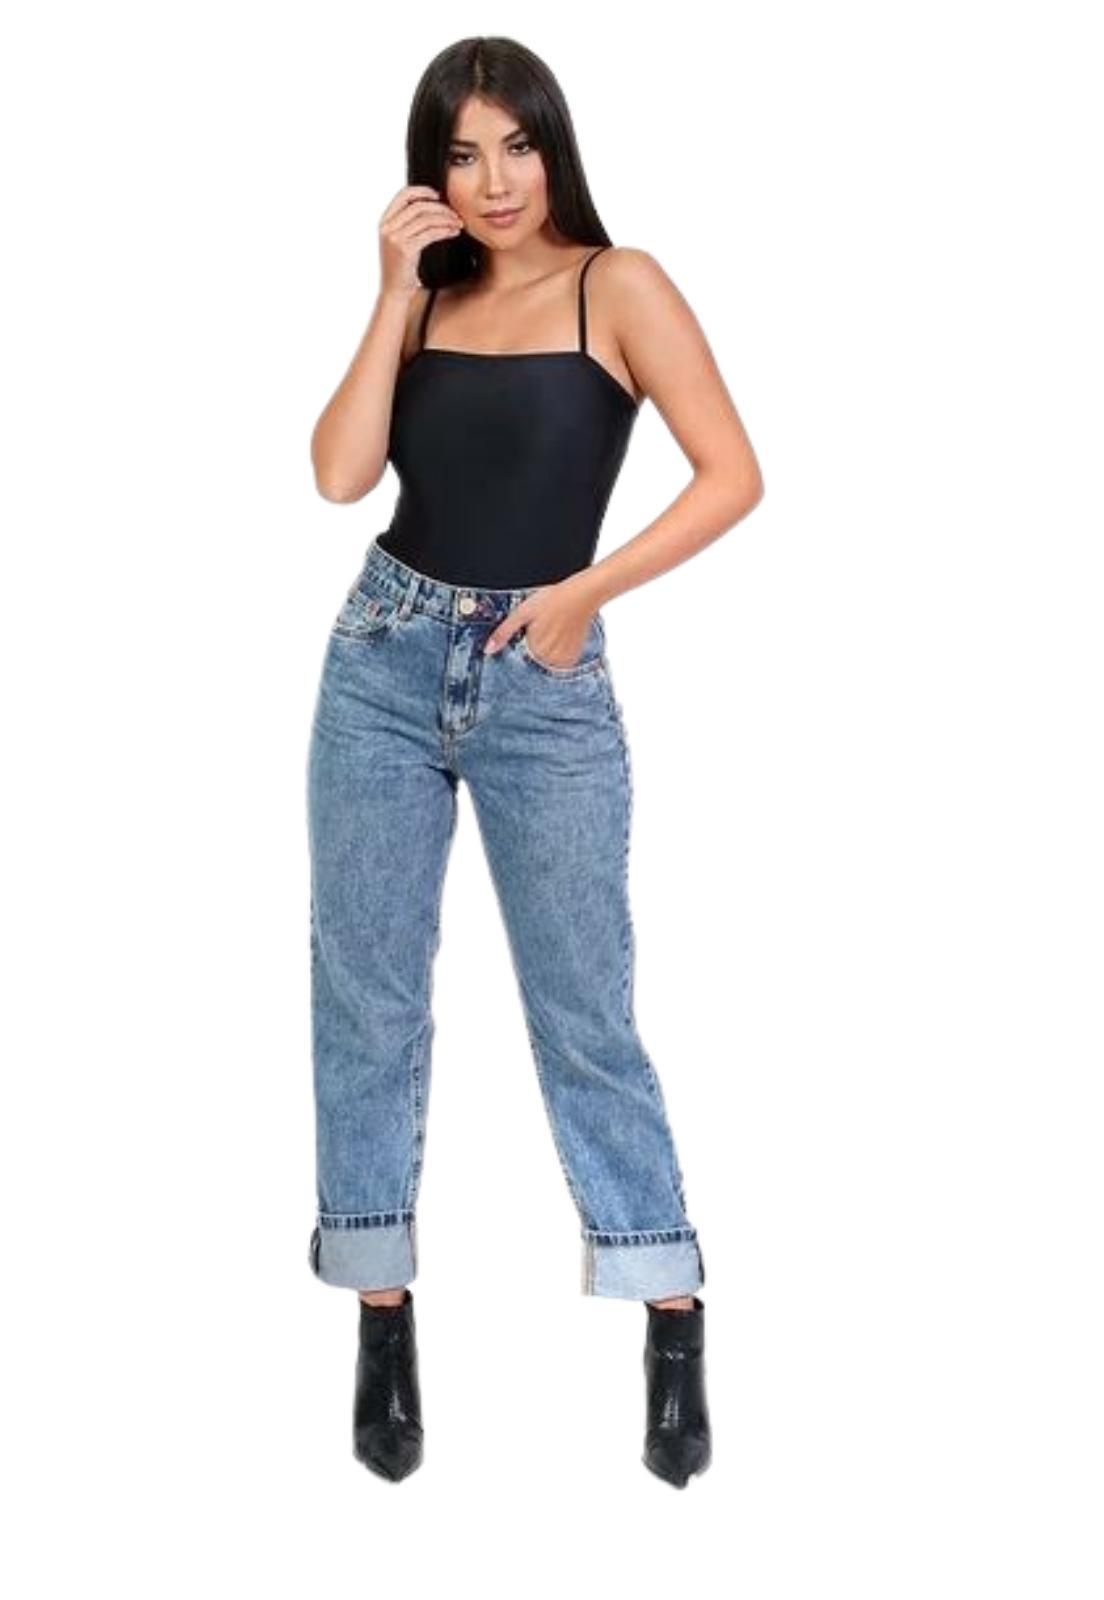 Calça Feminina Reta Jeans Lavado Cintura Alta